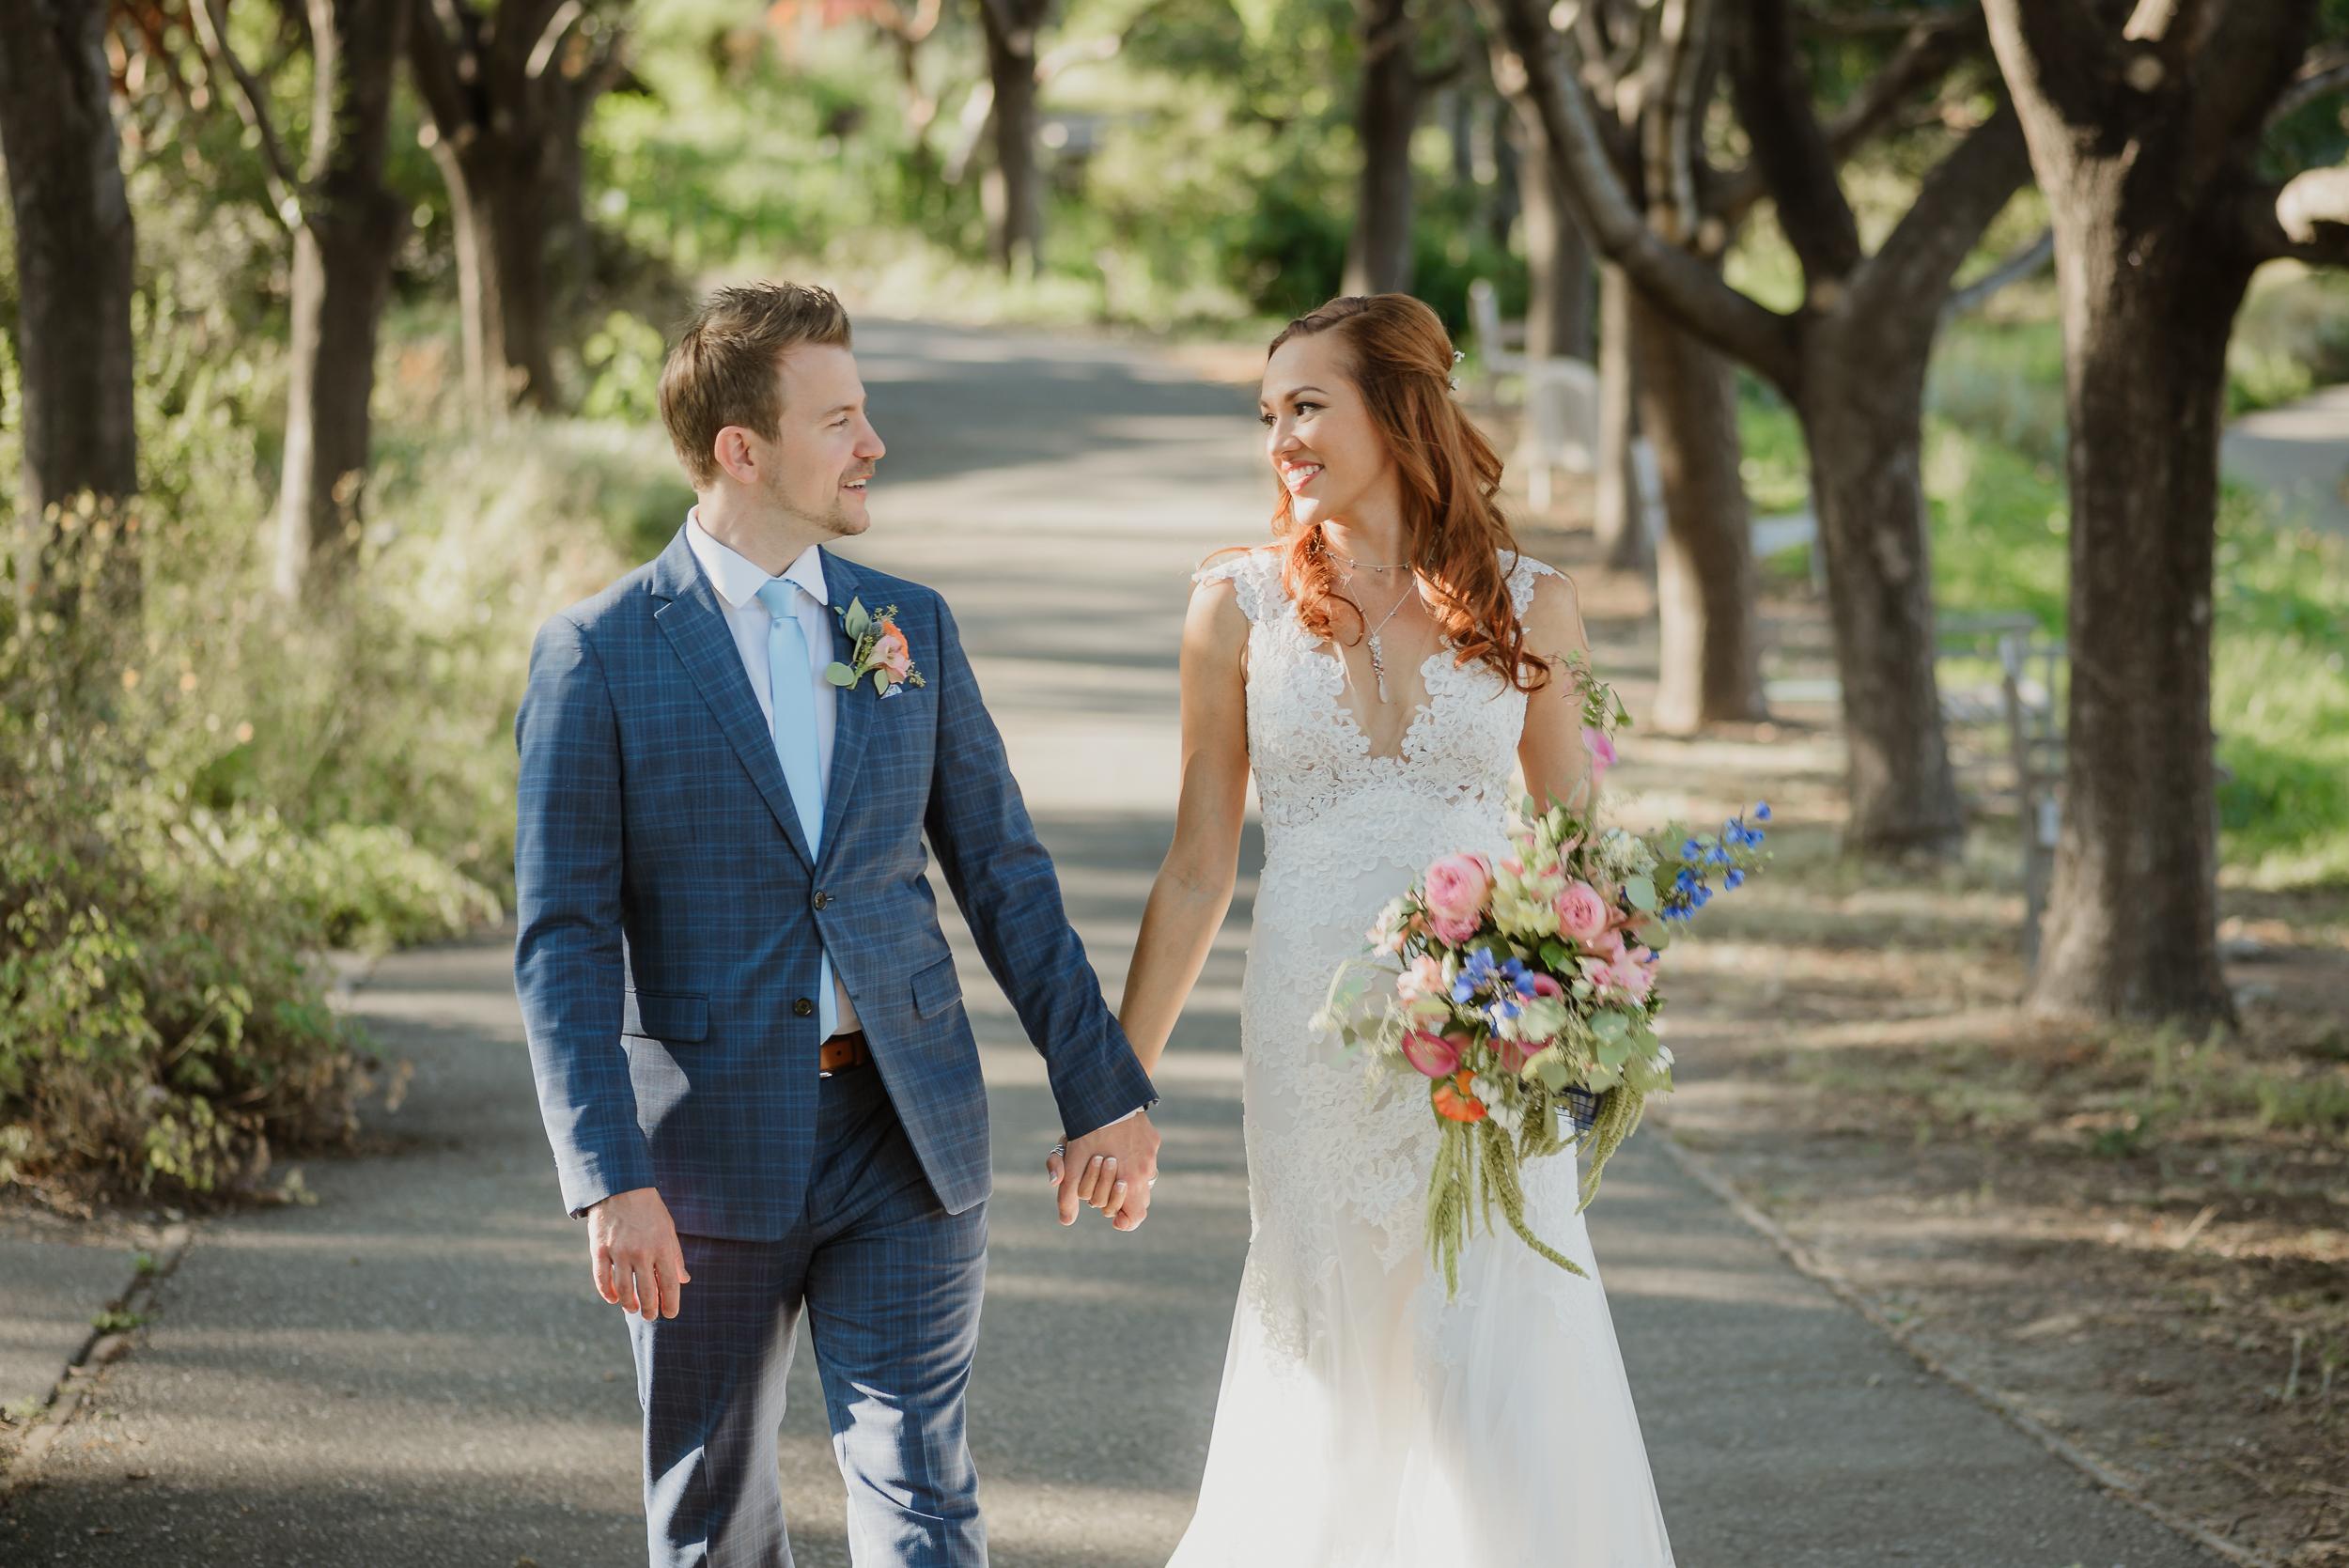 18-walnut-creek-gardens-heather-farms-wedding-vivianchen-460.jpg